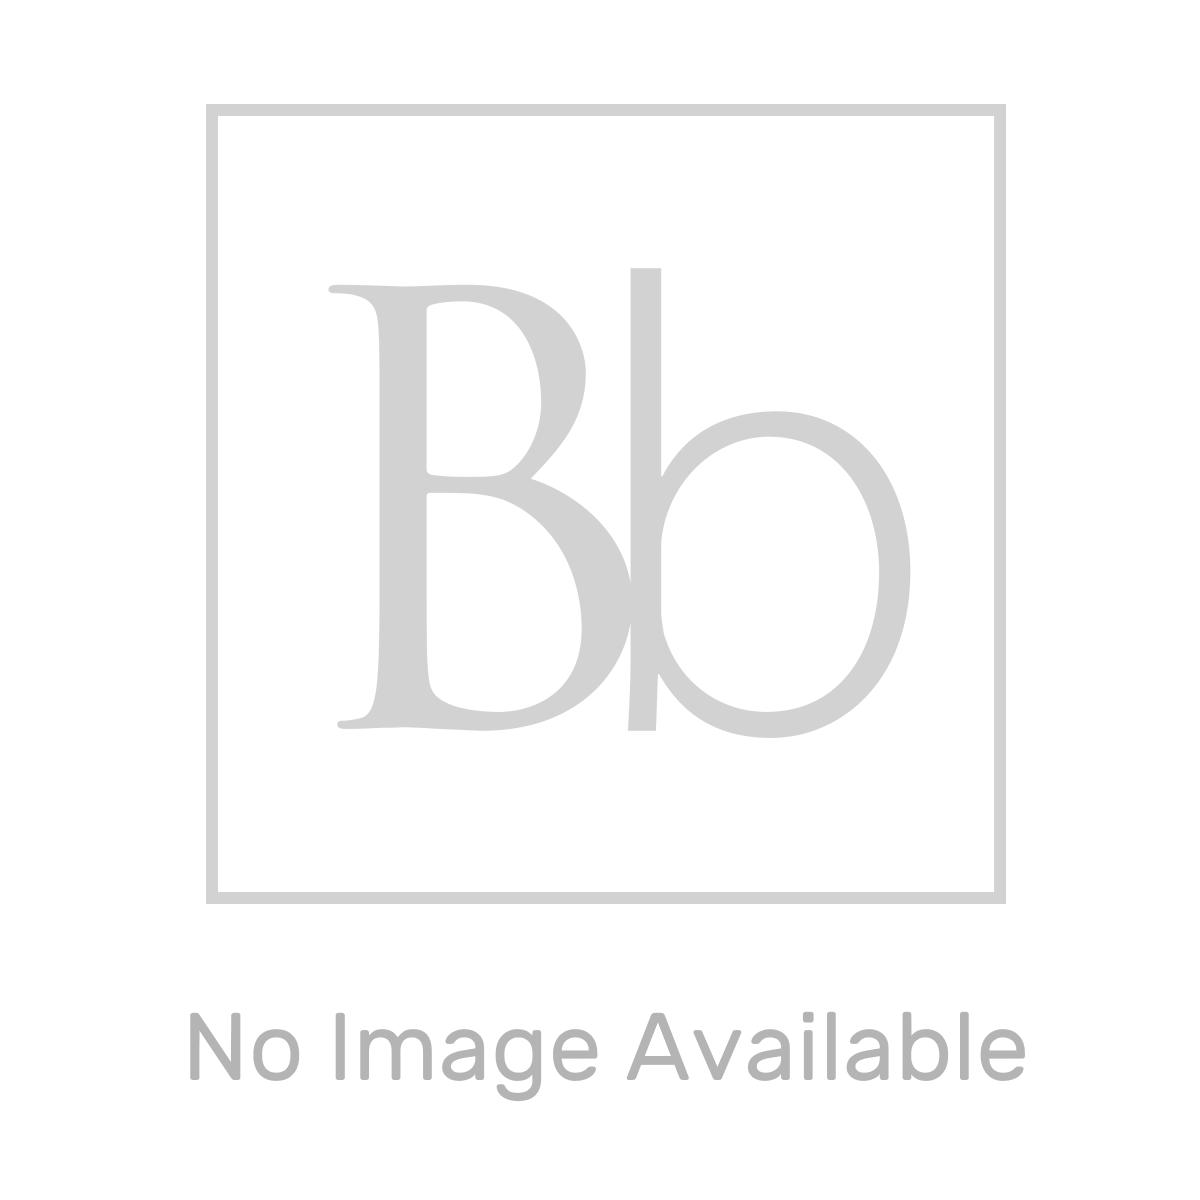 Stainless Steel Double Door Bathroom Cabinet Doors Open